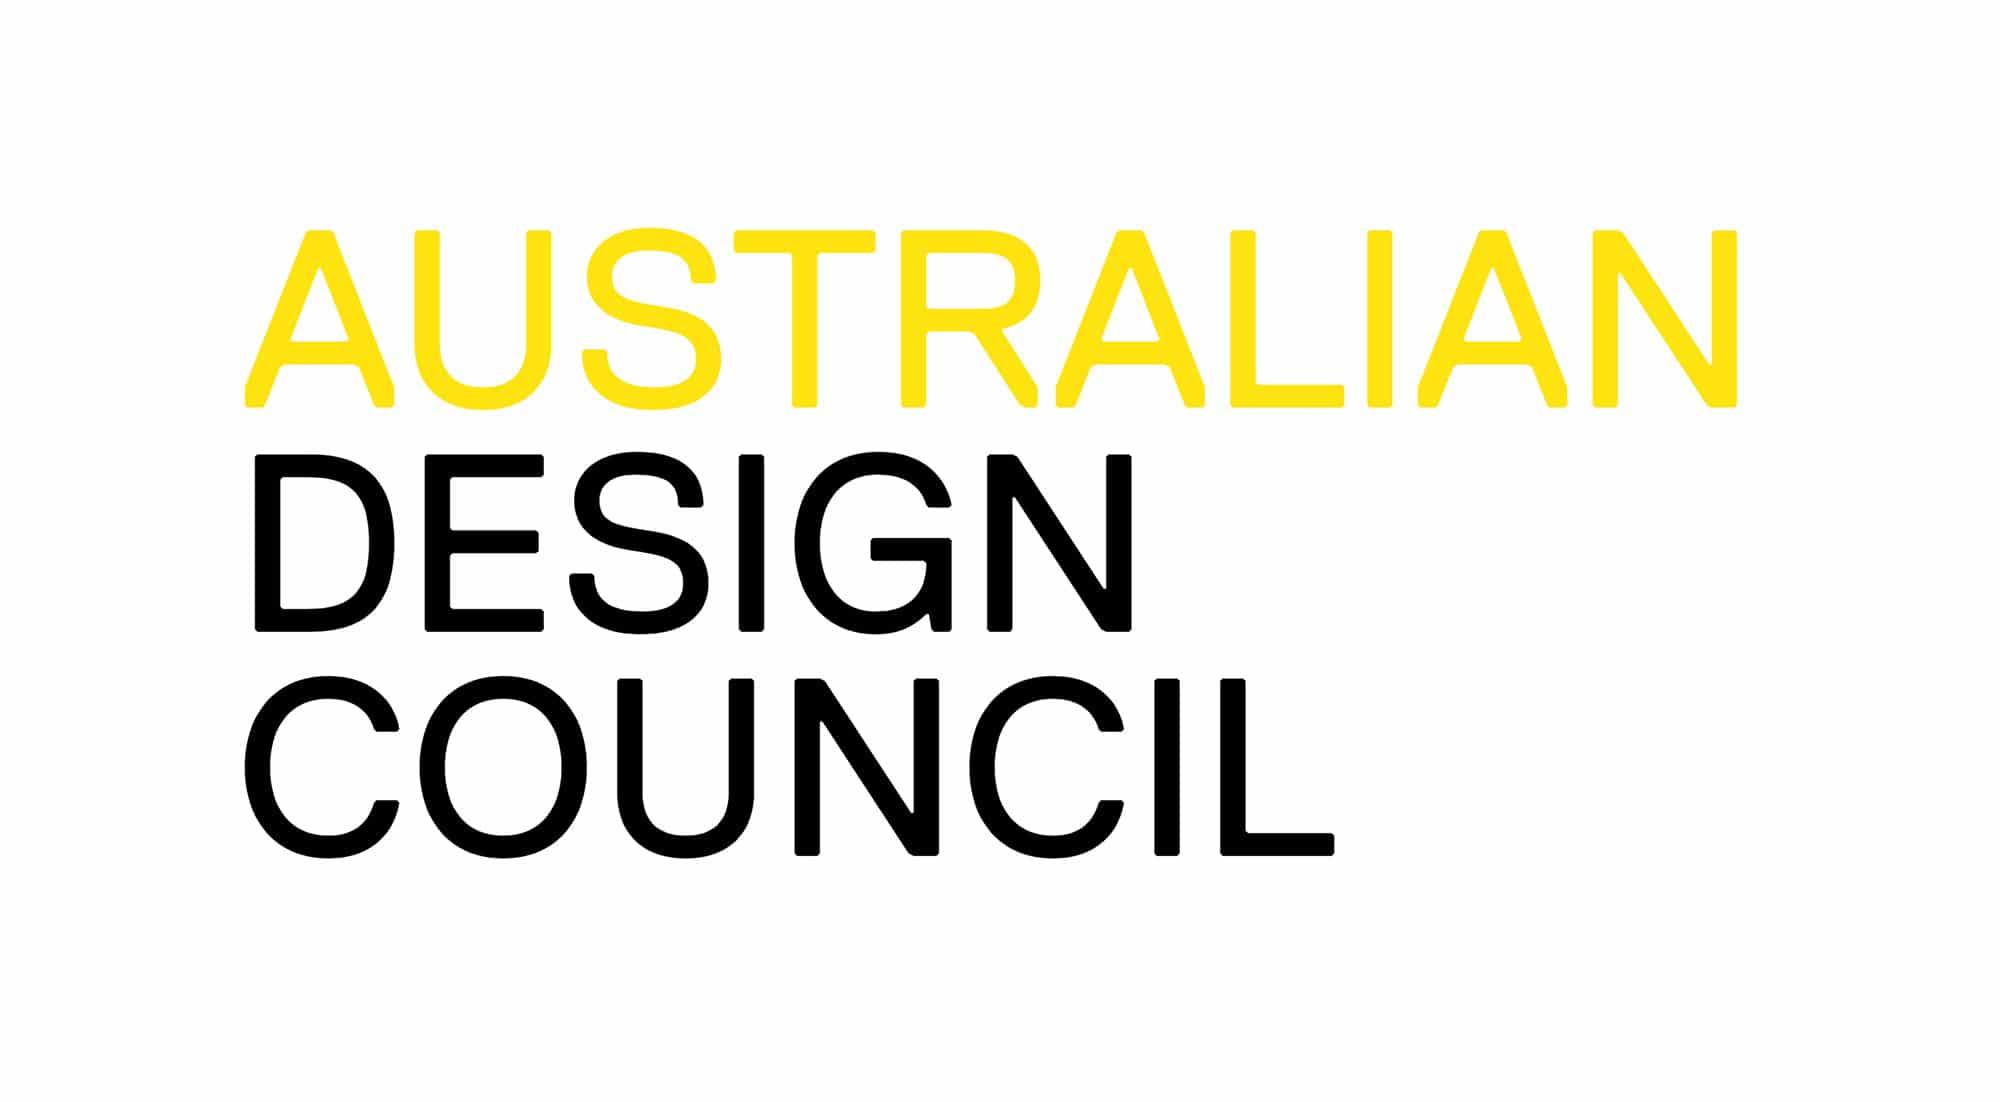 AUSTRALIAN DESIGN COUNCIL logo